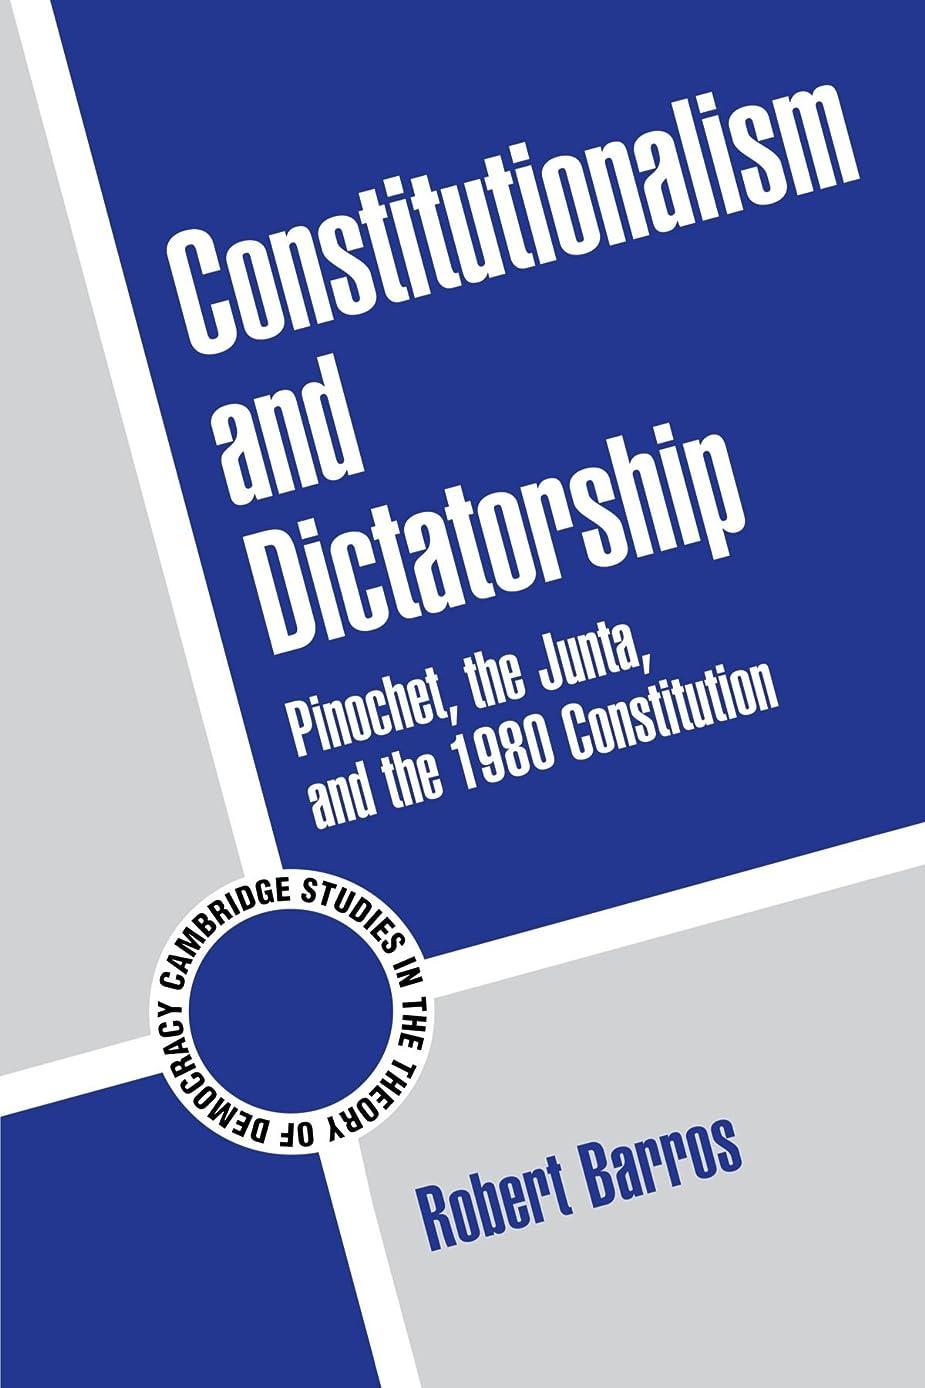 個人的にペスト犯人Constitutionalism and Dictatorship: Pinochet, the Junta, and the 1980 Constitution (Cambridge Studies in the Theory of Democracy)